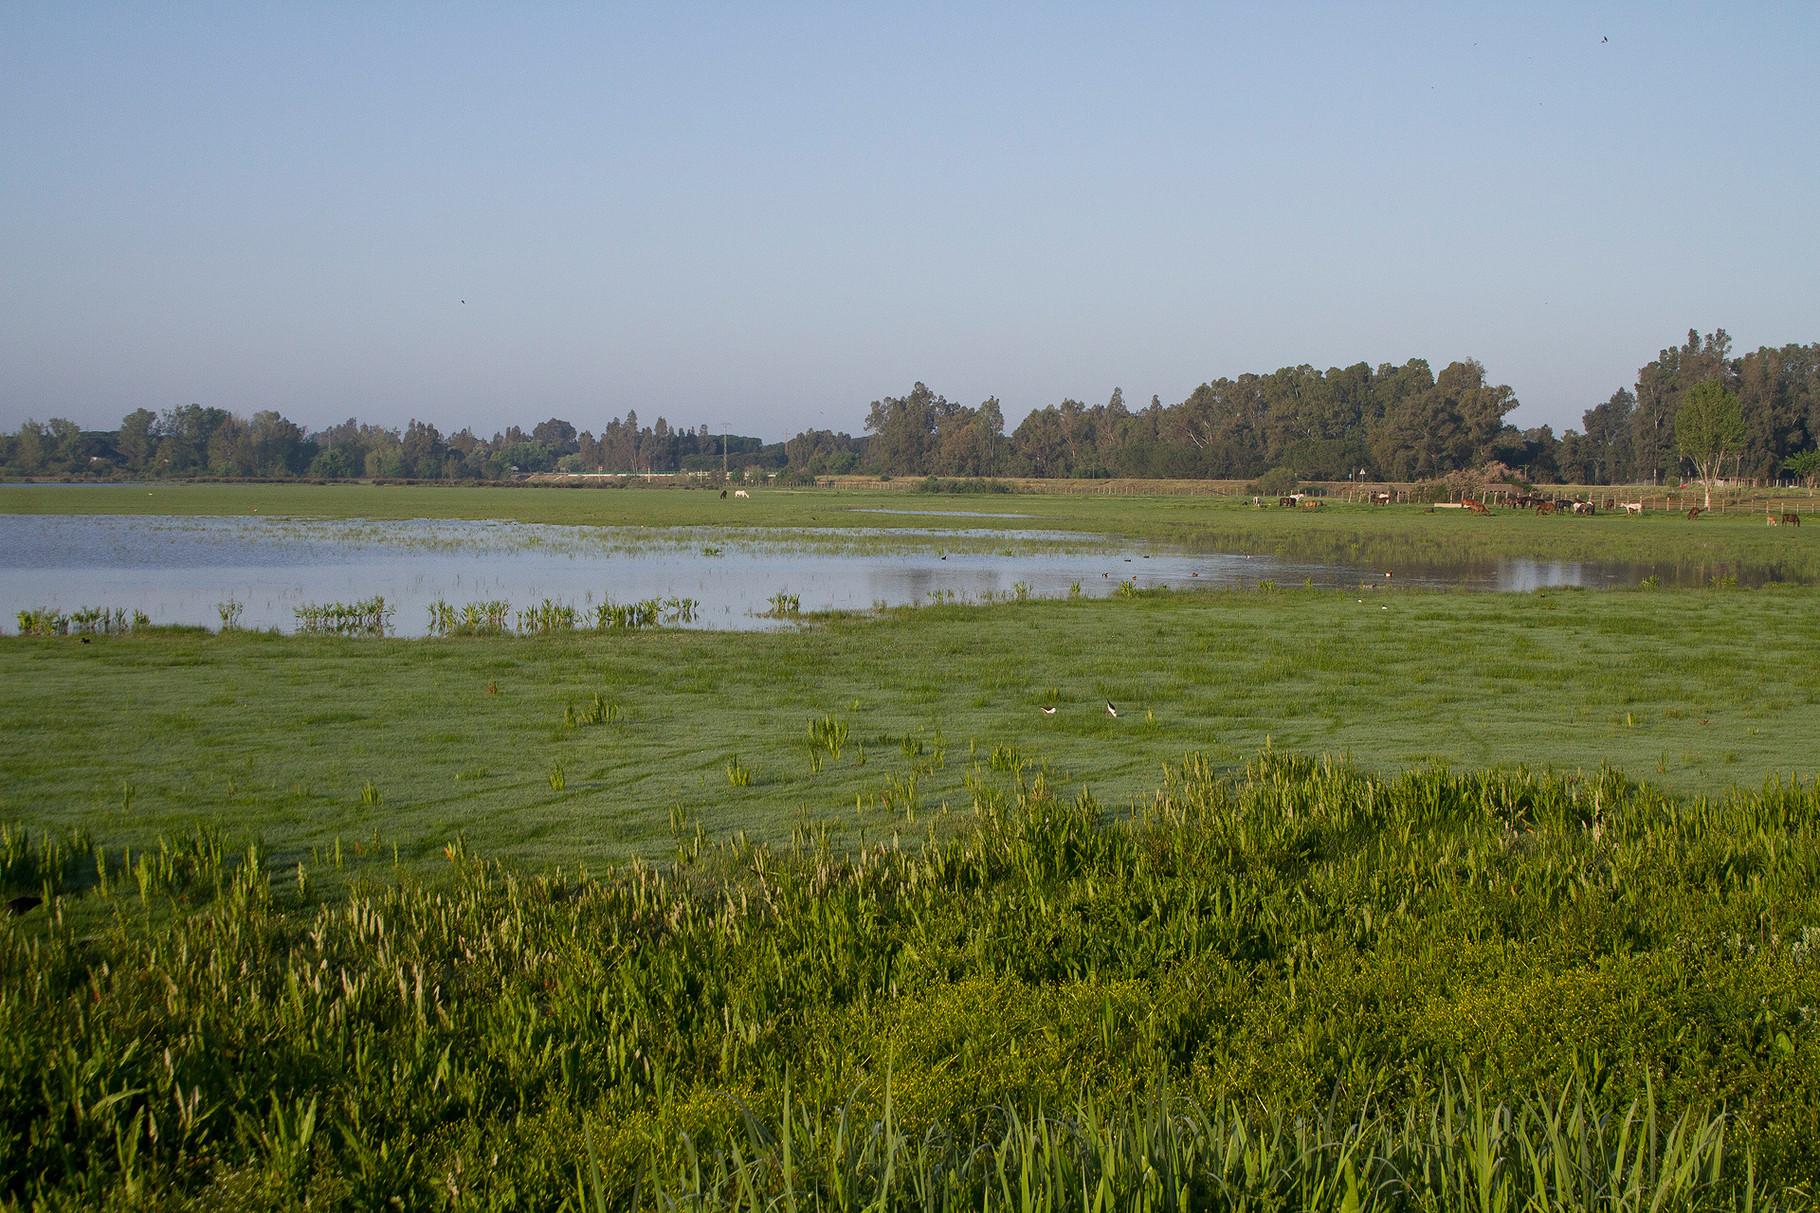 Sumpfwiesen und Pferde prägen die Landschaft der Doñana in der Nähe von El Rocio